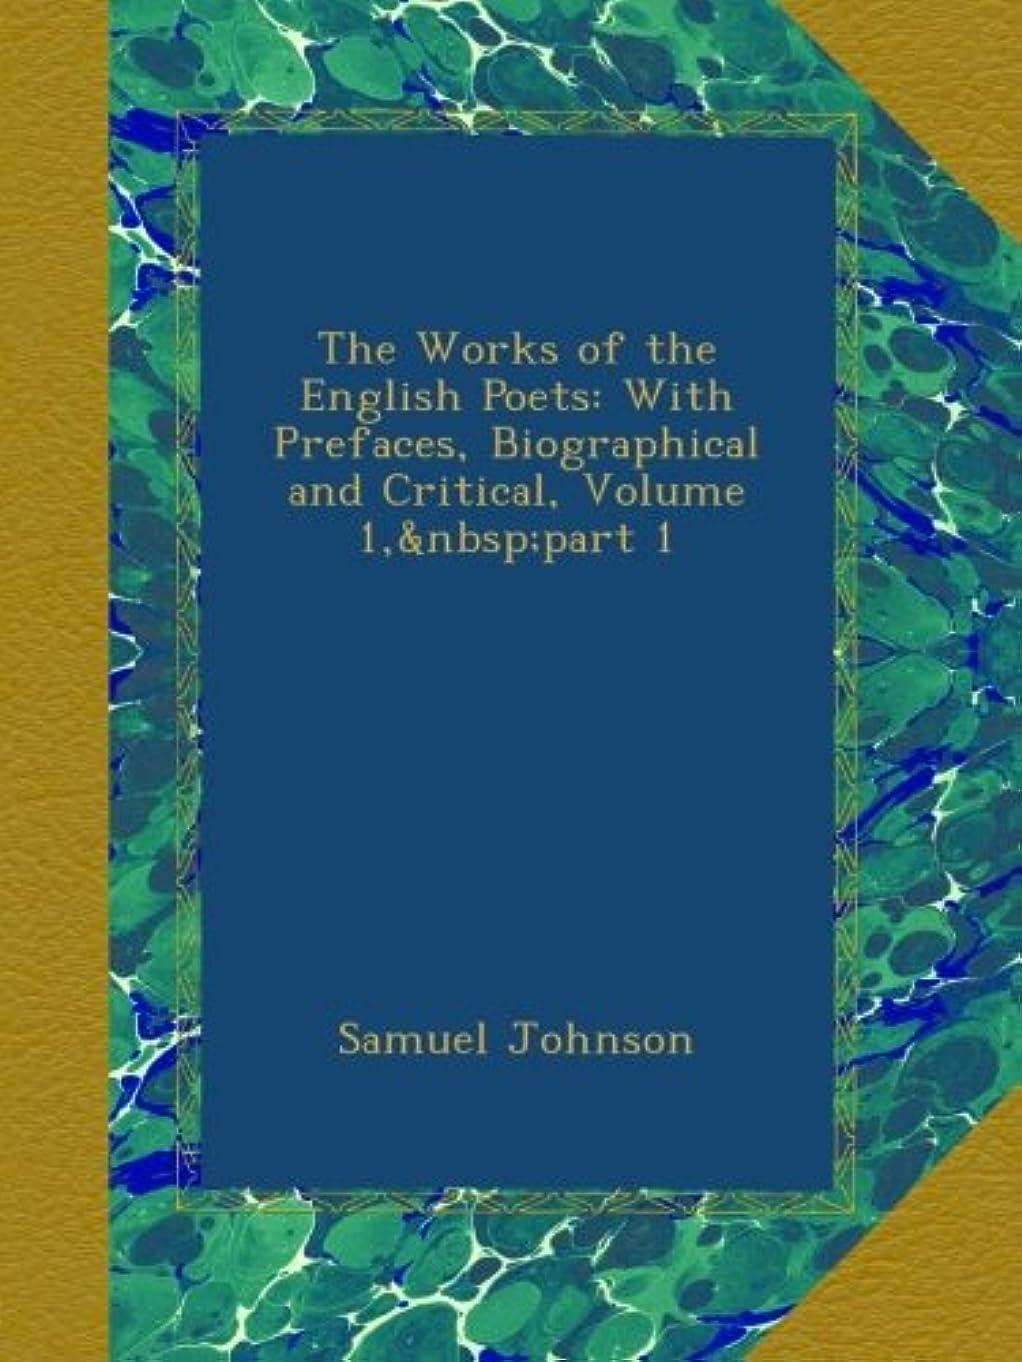 服ケント議論するThe Works of the English Poets: With Prefaces, Biographical and Critical, Volume 1,?part 1